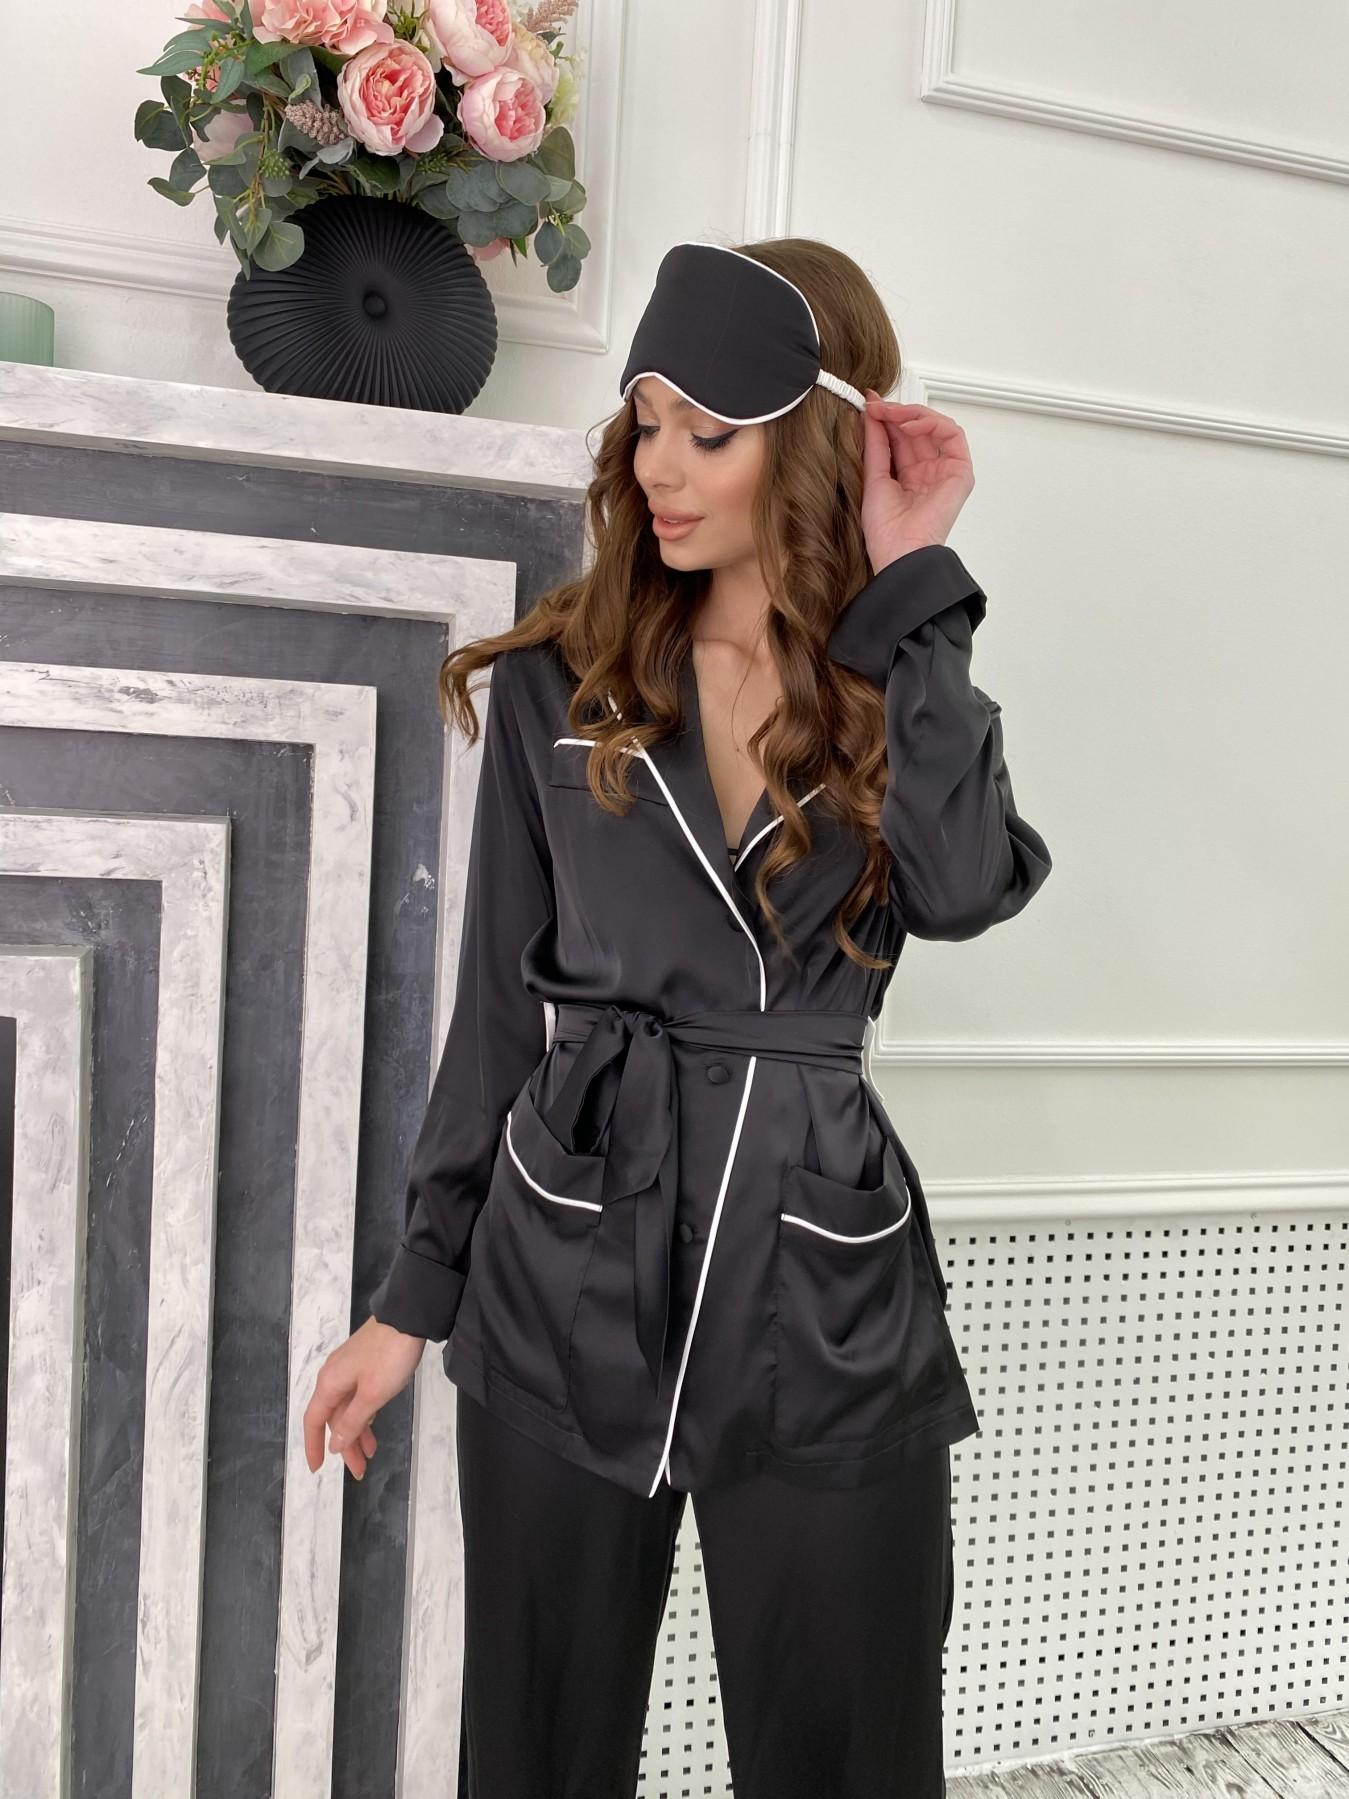 Шайн костюм из шелка  10778 АРТ. 47216 Цвет: Черный - фото 5, интернет магазин tm-modus.ru